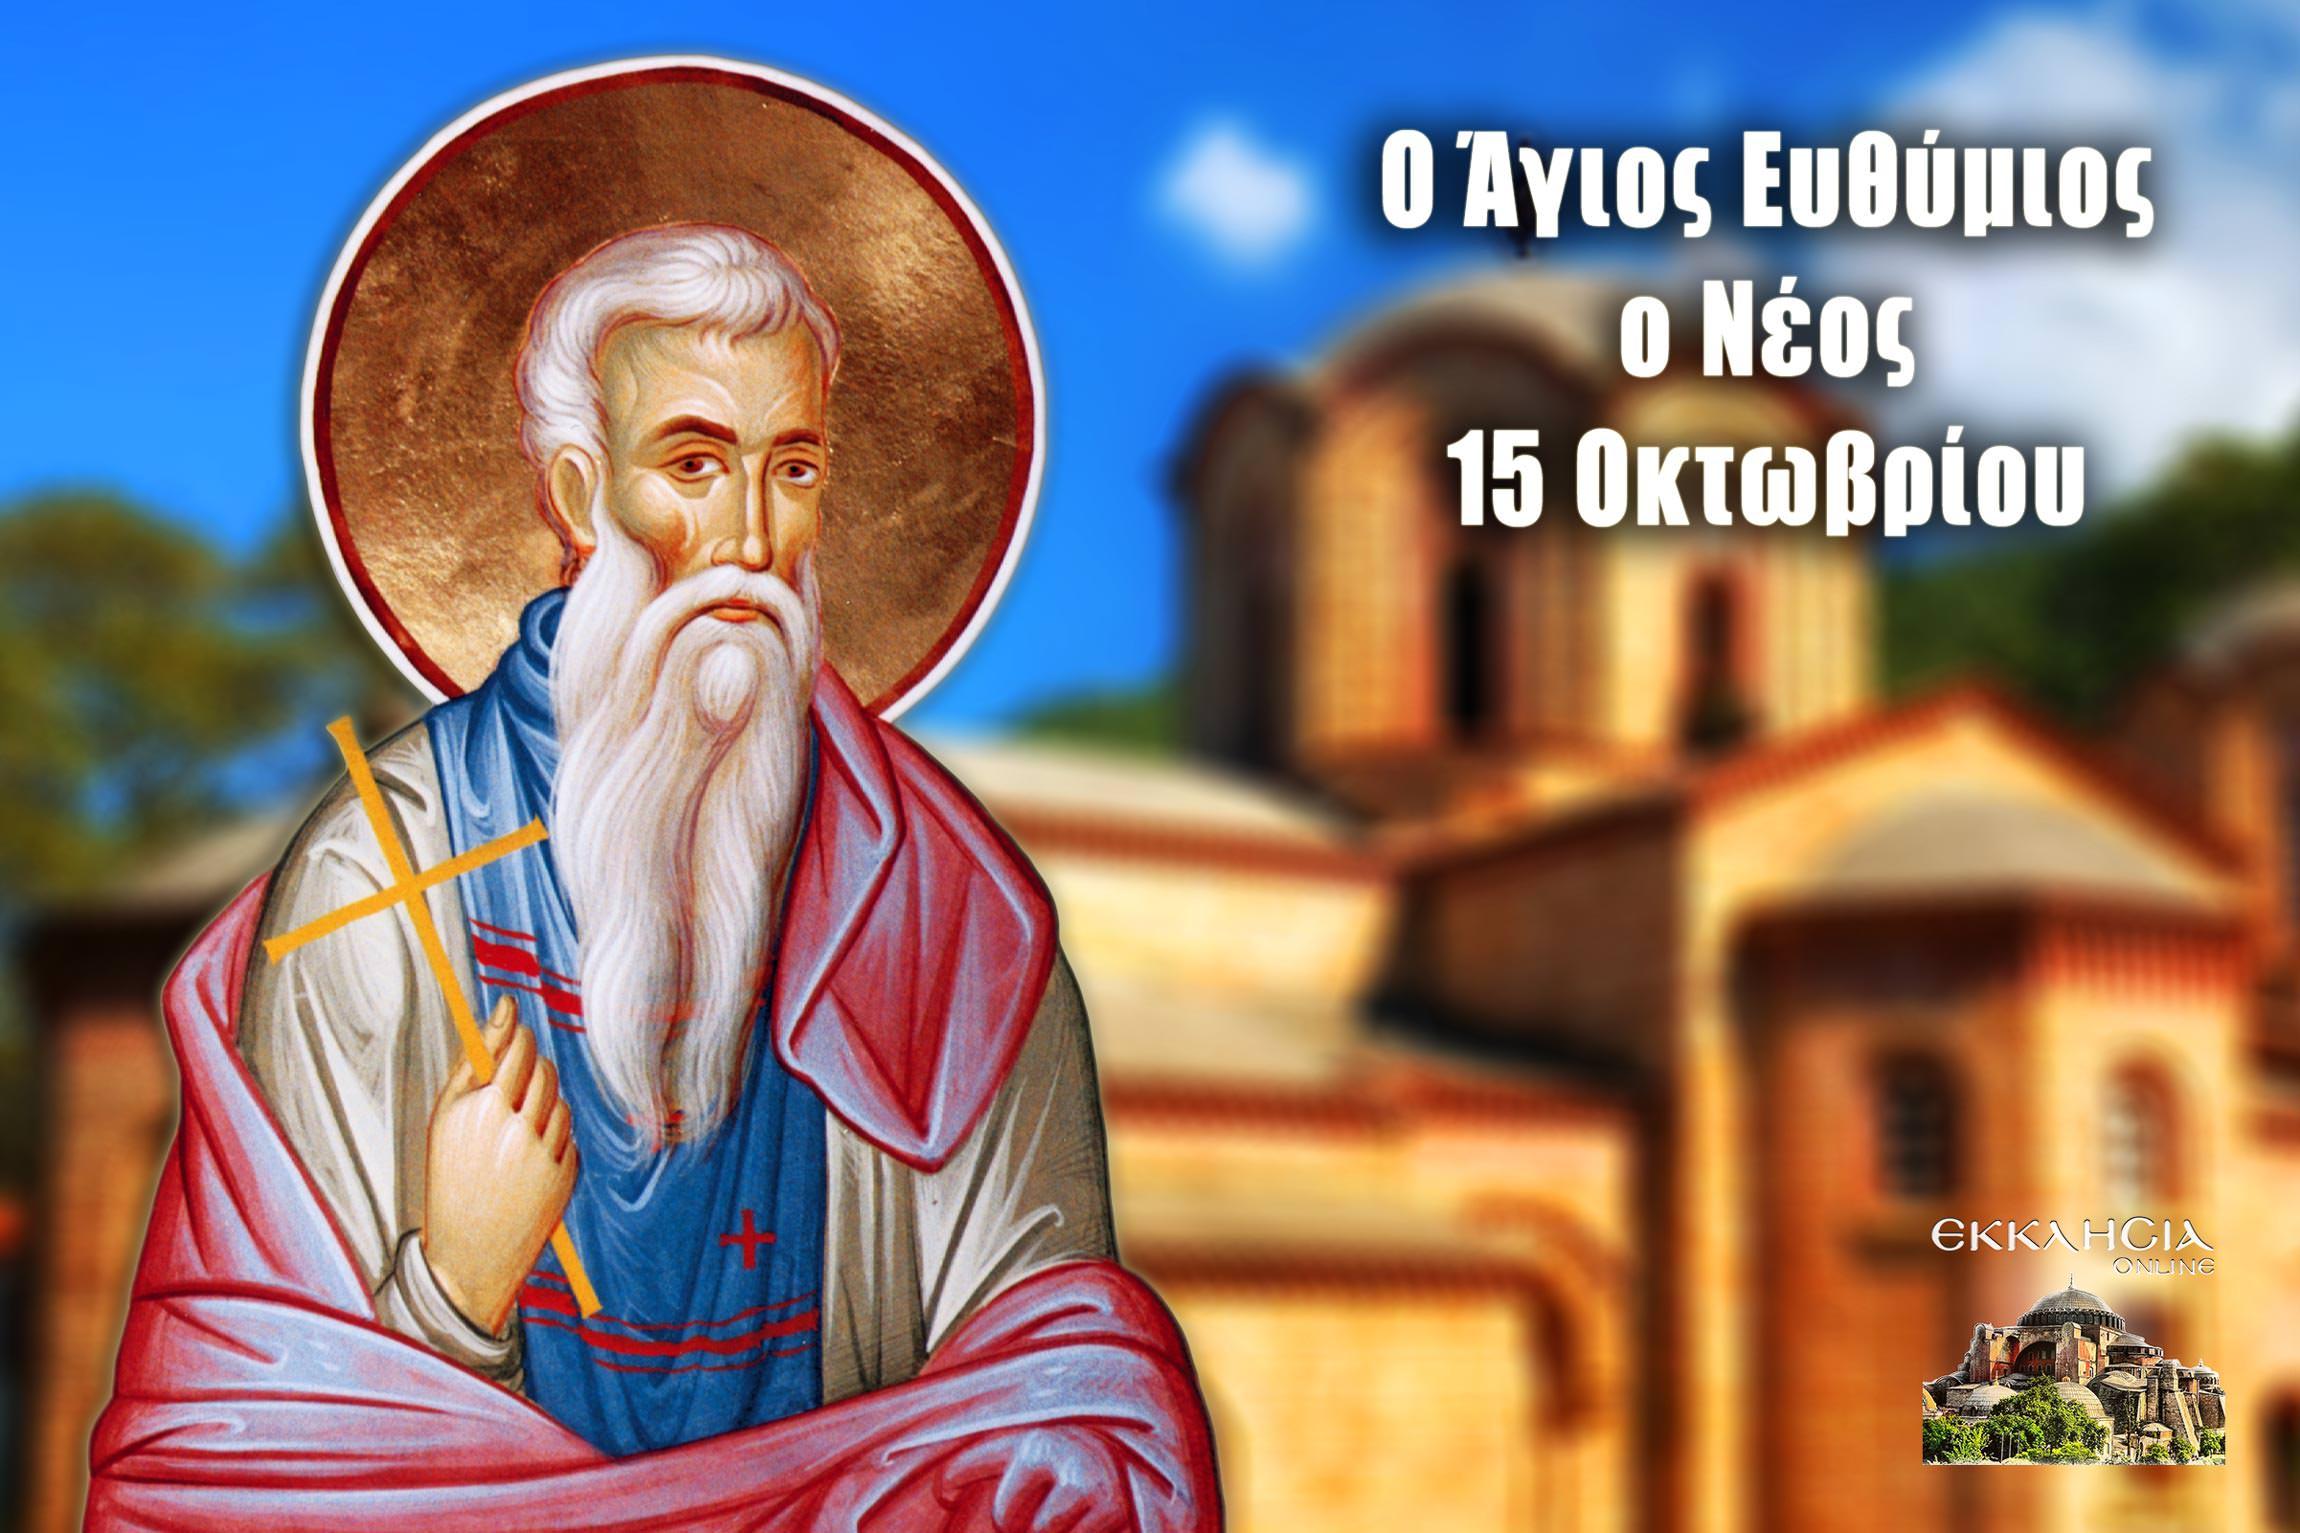 Άγιος Ευθύμιος Νέος 15 Οκτωβρίου